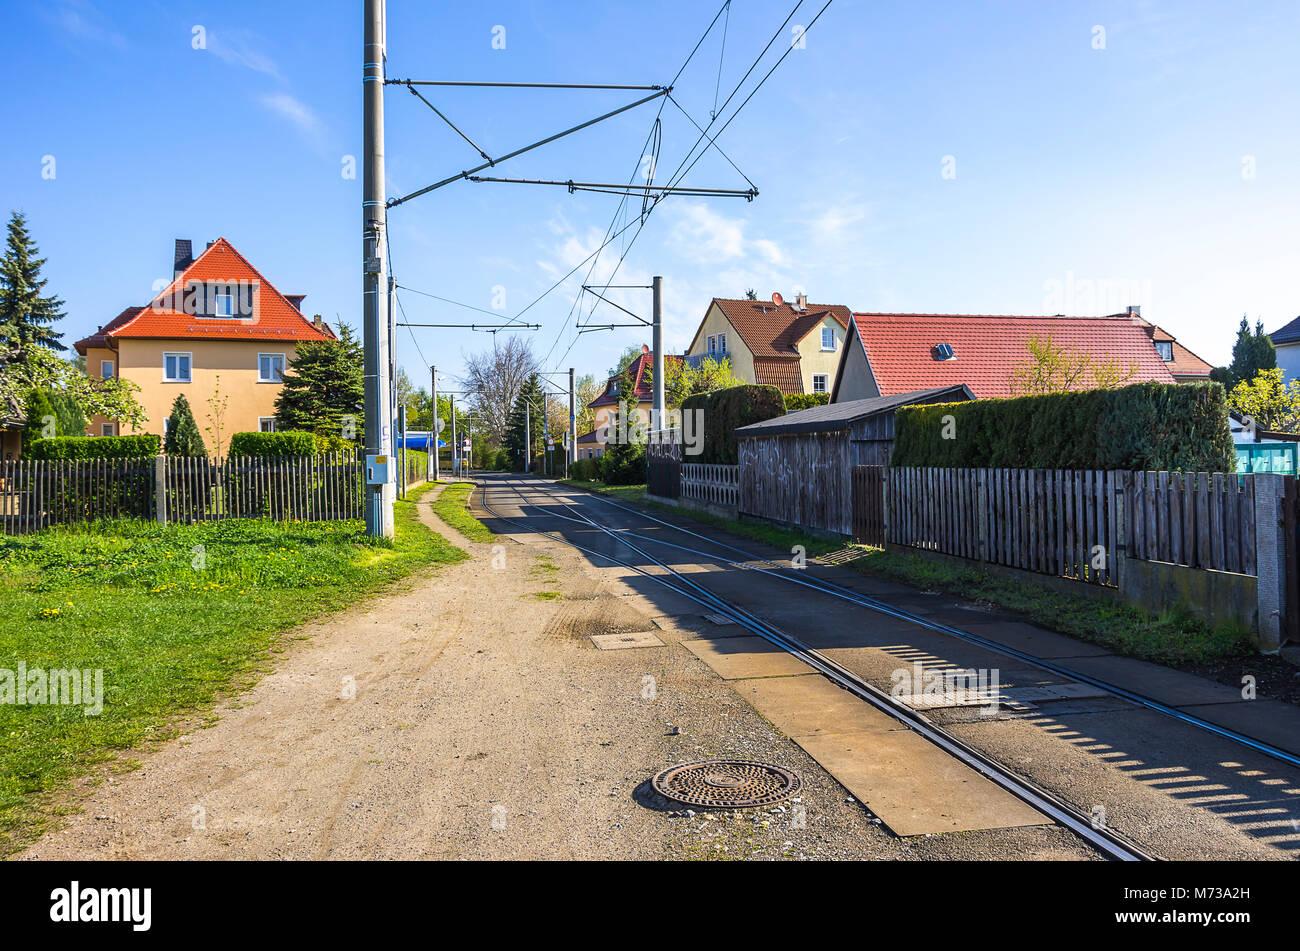 Straßenbahnschienen und Wohngebiet in Weixdorf bei Dresden, Sachsen, Deutschland. Stockbild